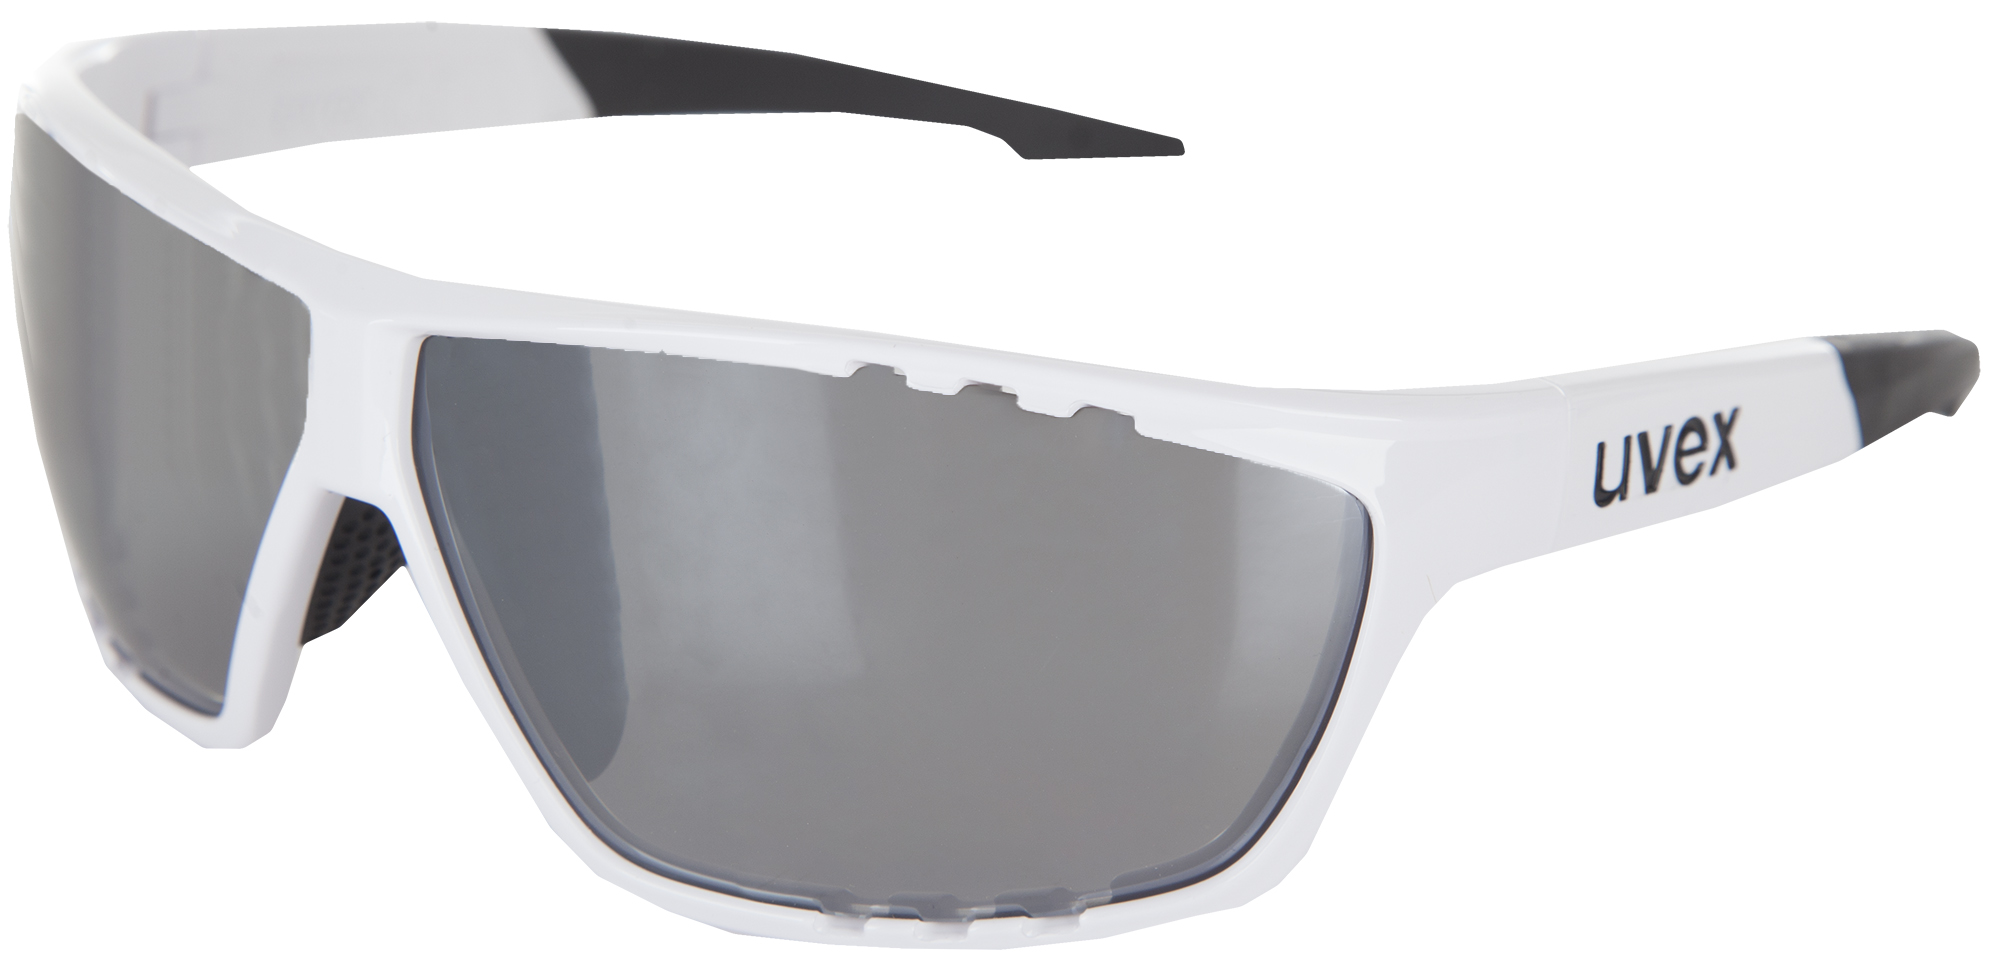 Uvex Солнцезащитные очки Uvex Sportstyle 706